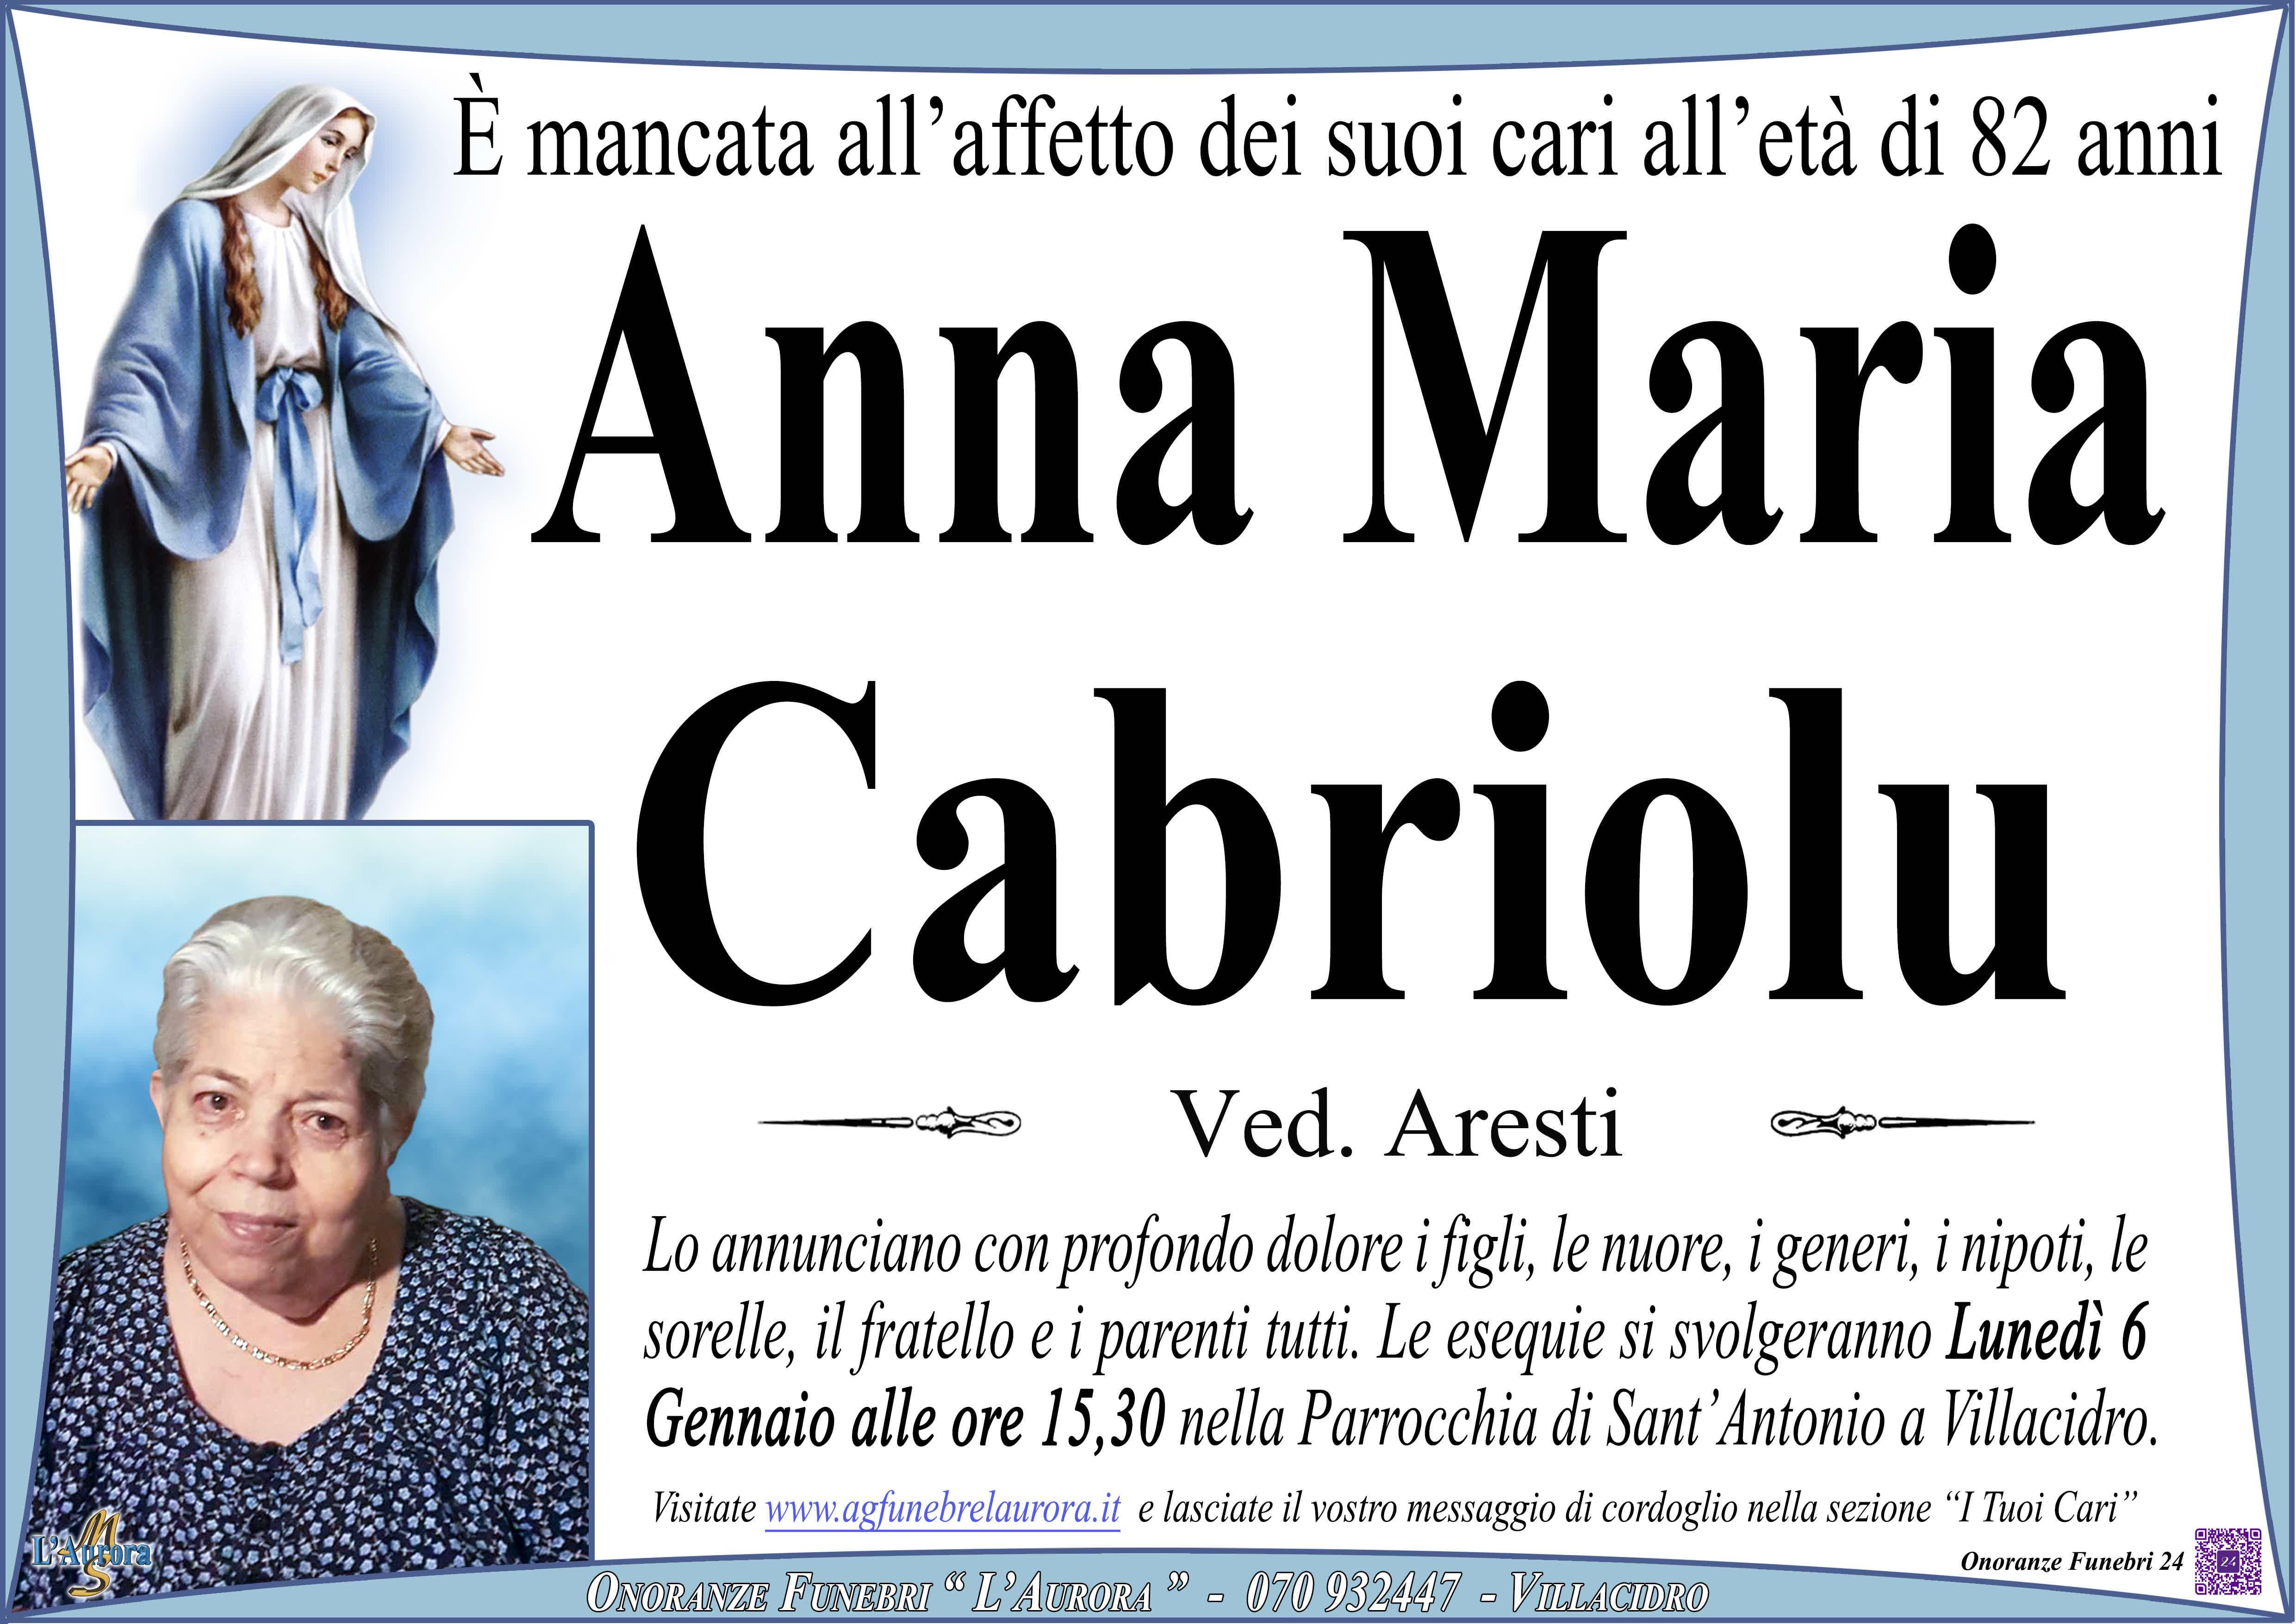 Anna Maria Cabriolu